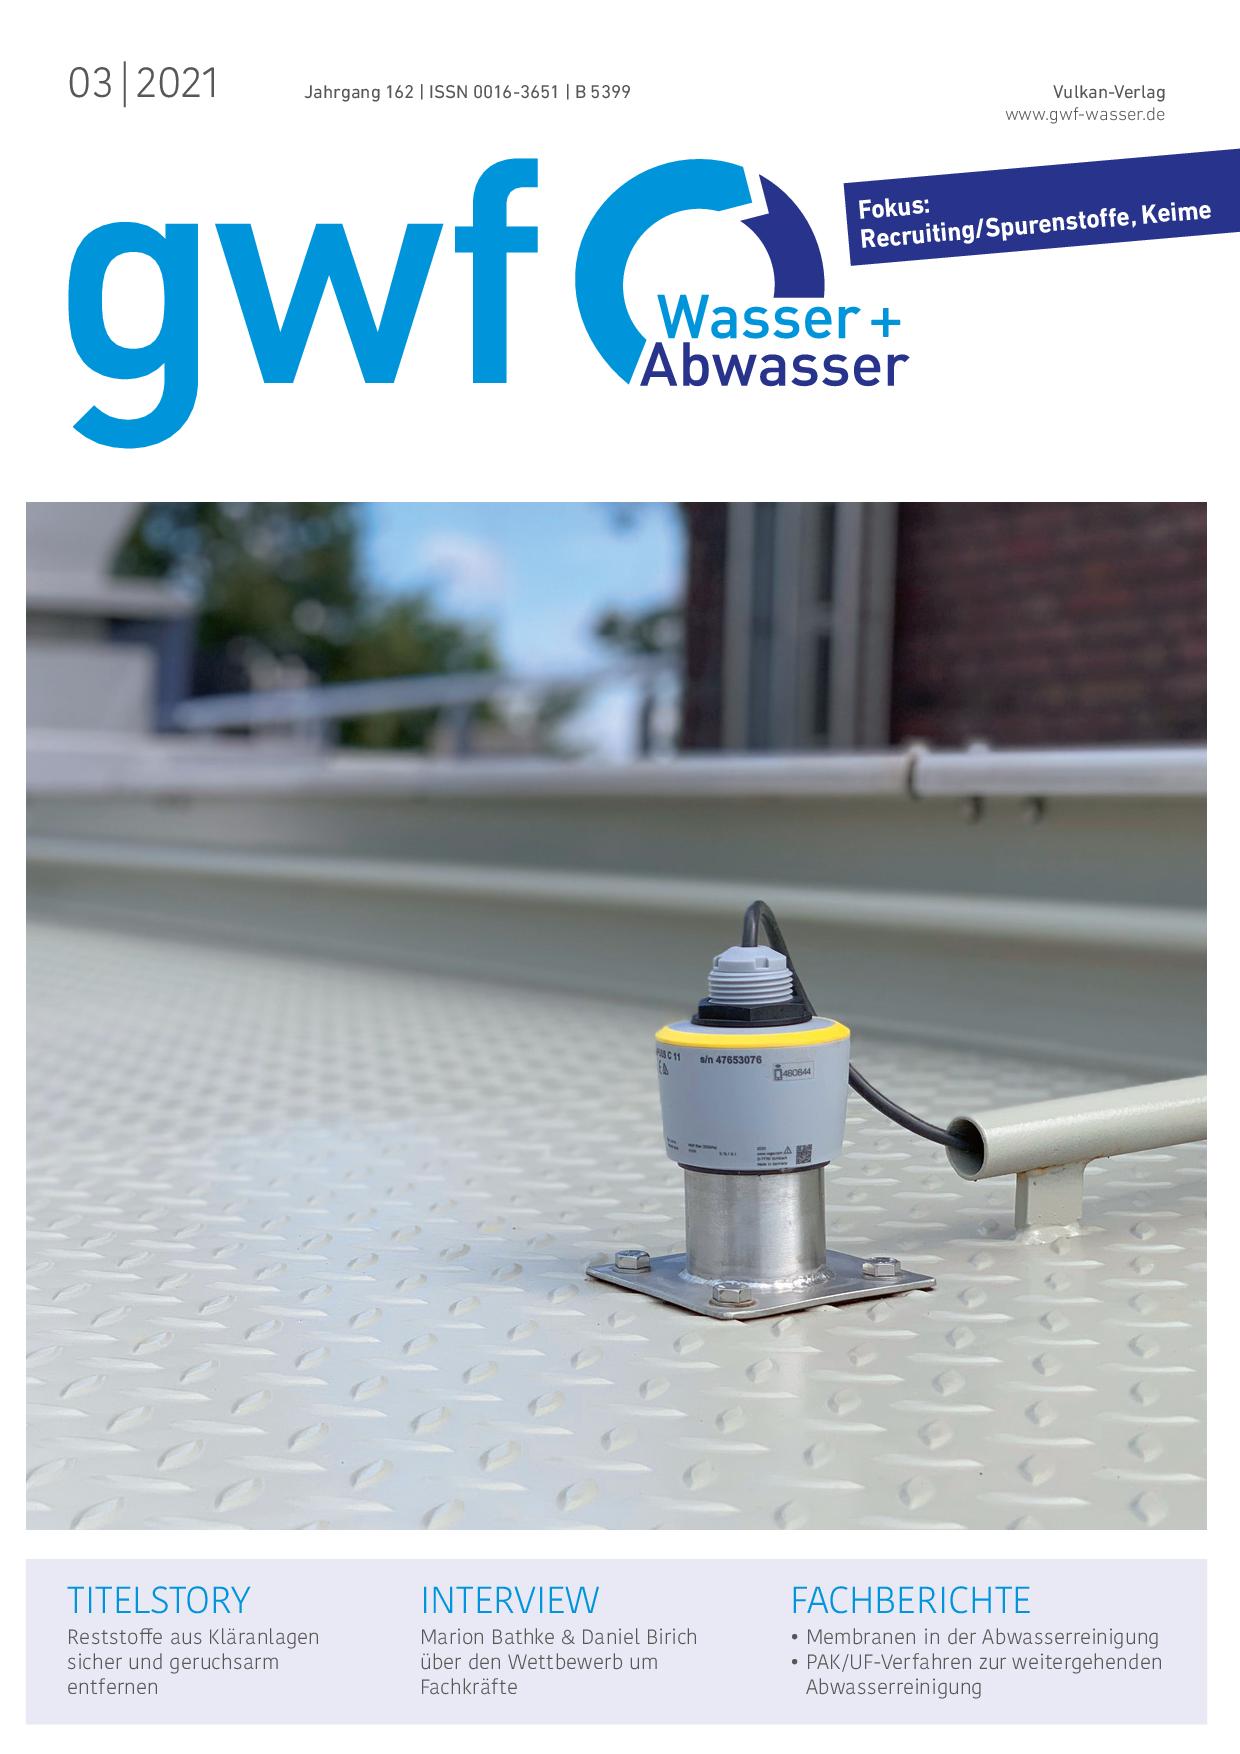 gwf – Wasser|Abwasser – 03 2021